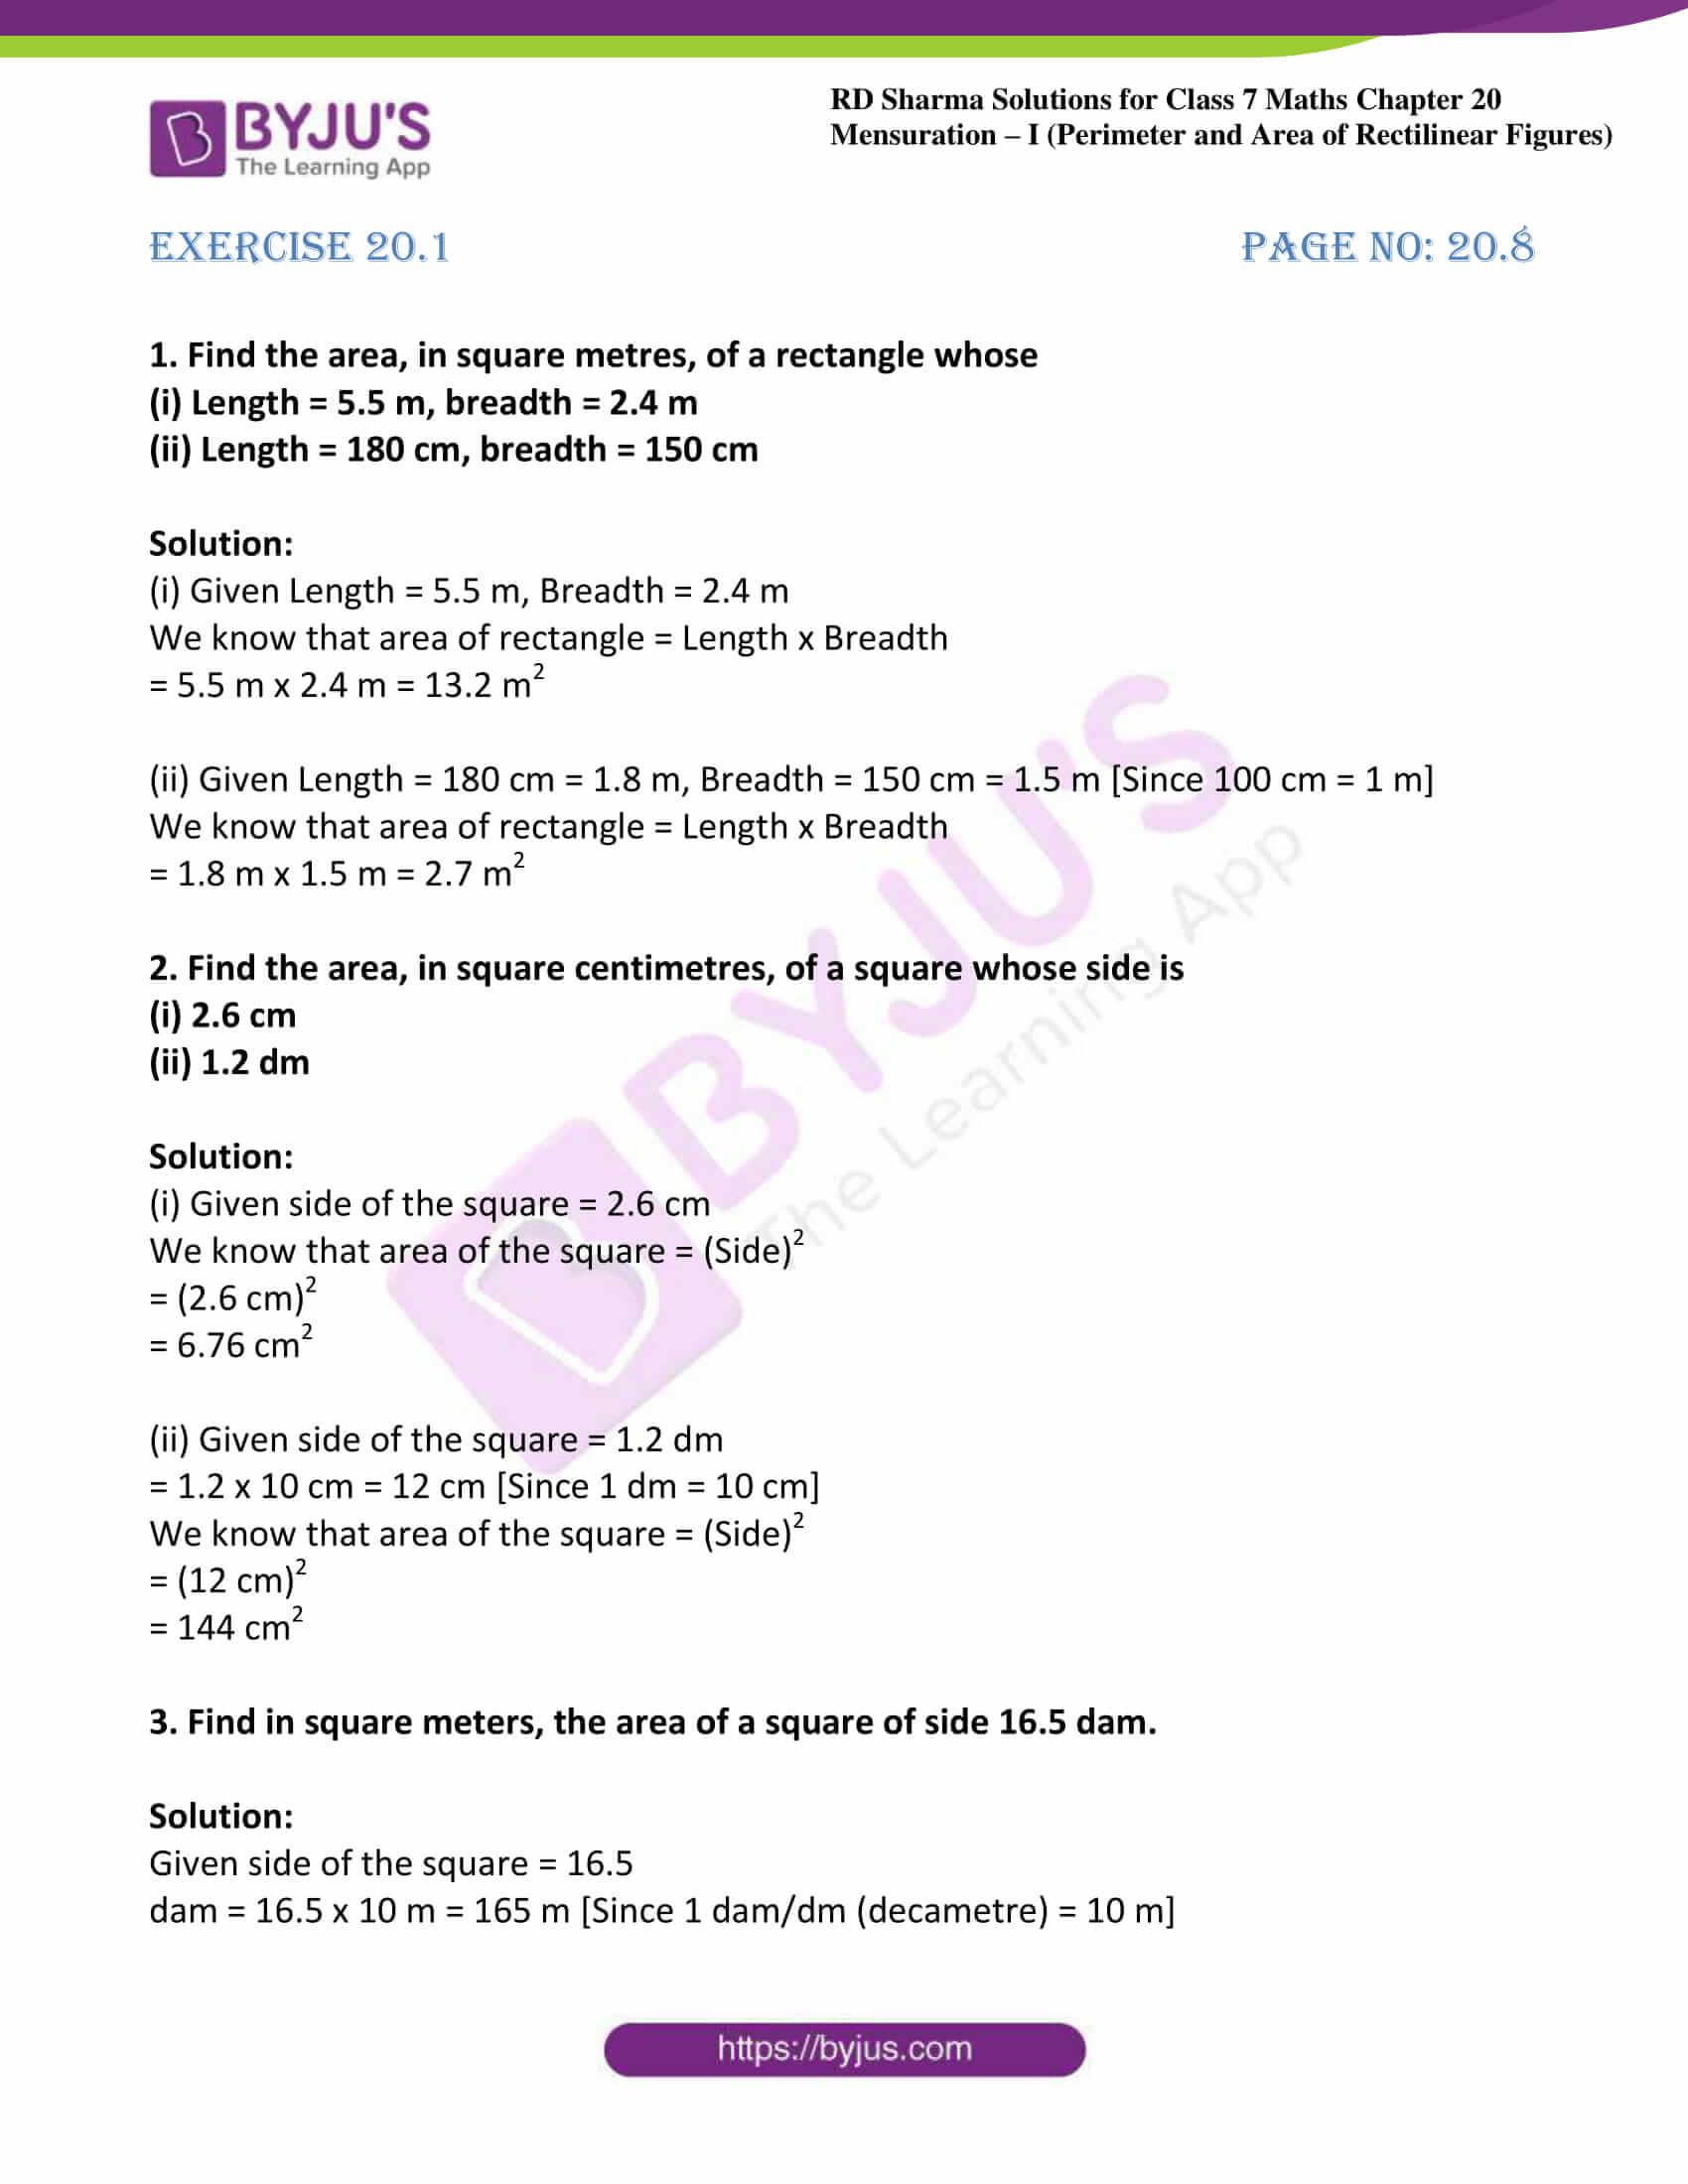 rd sharma maths class7 solution chapter 20 ex 1 01